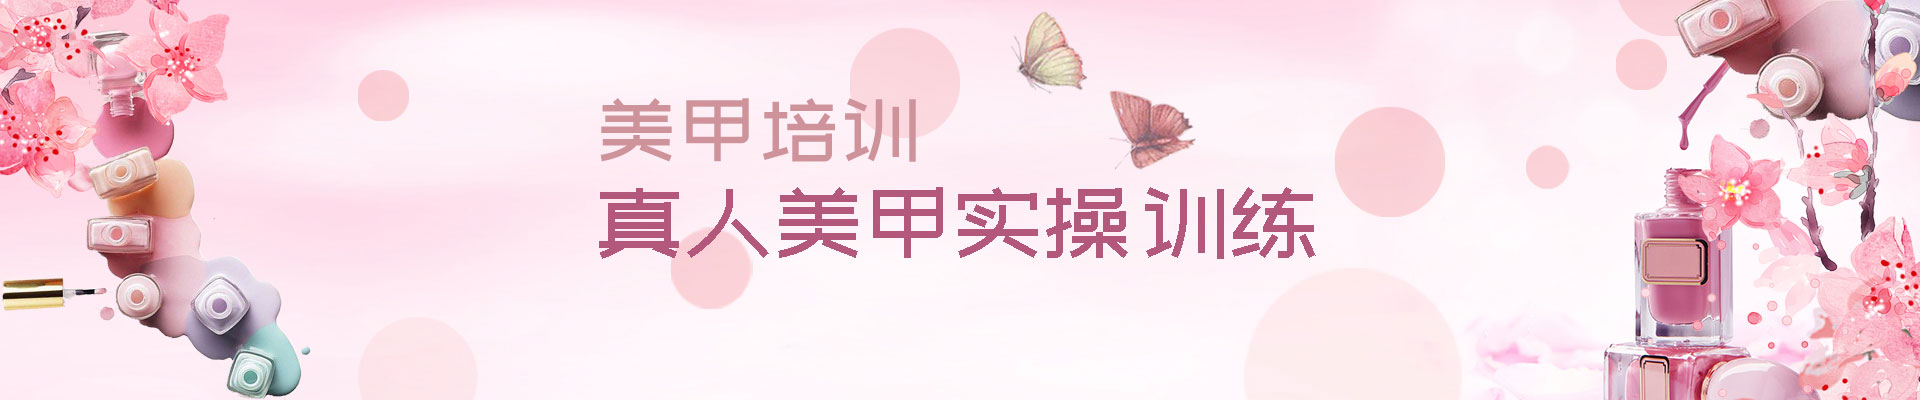 深圳龙华菲菲美容美发培训学校